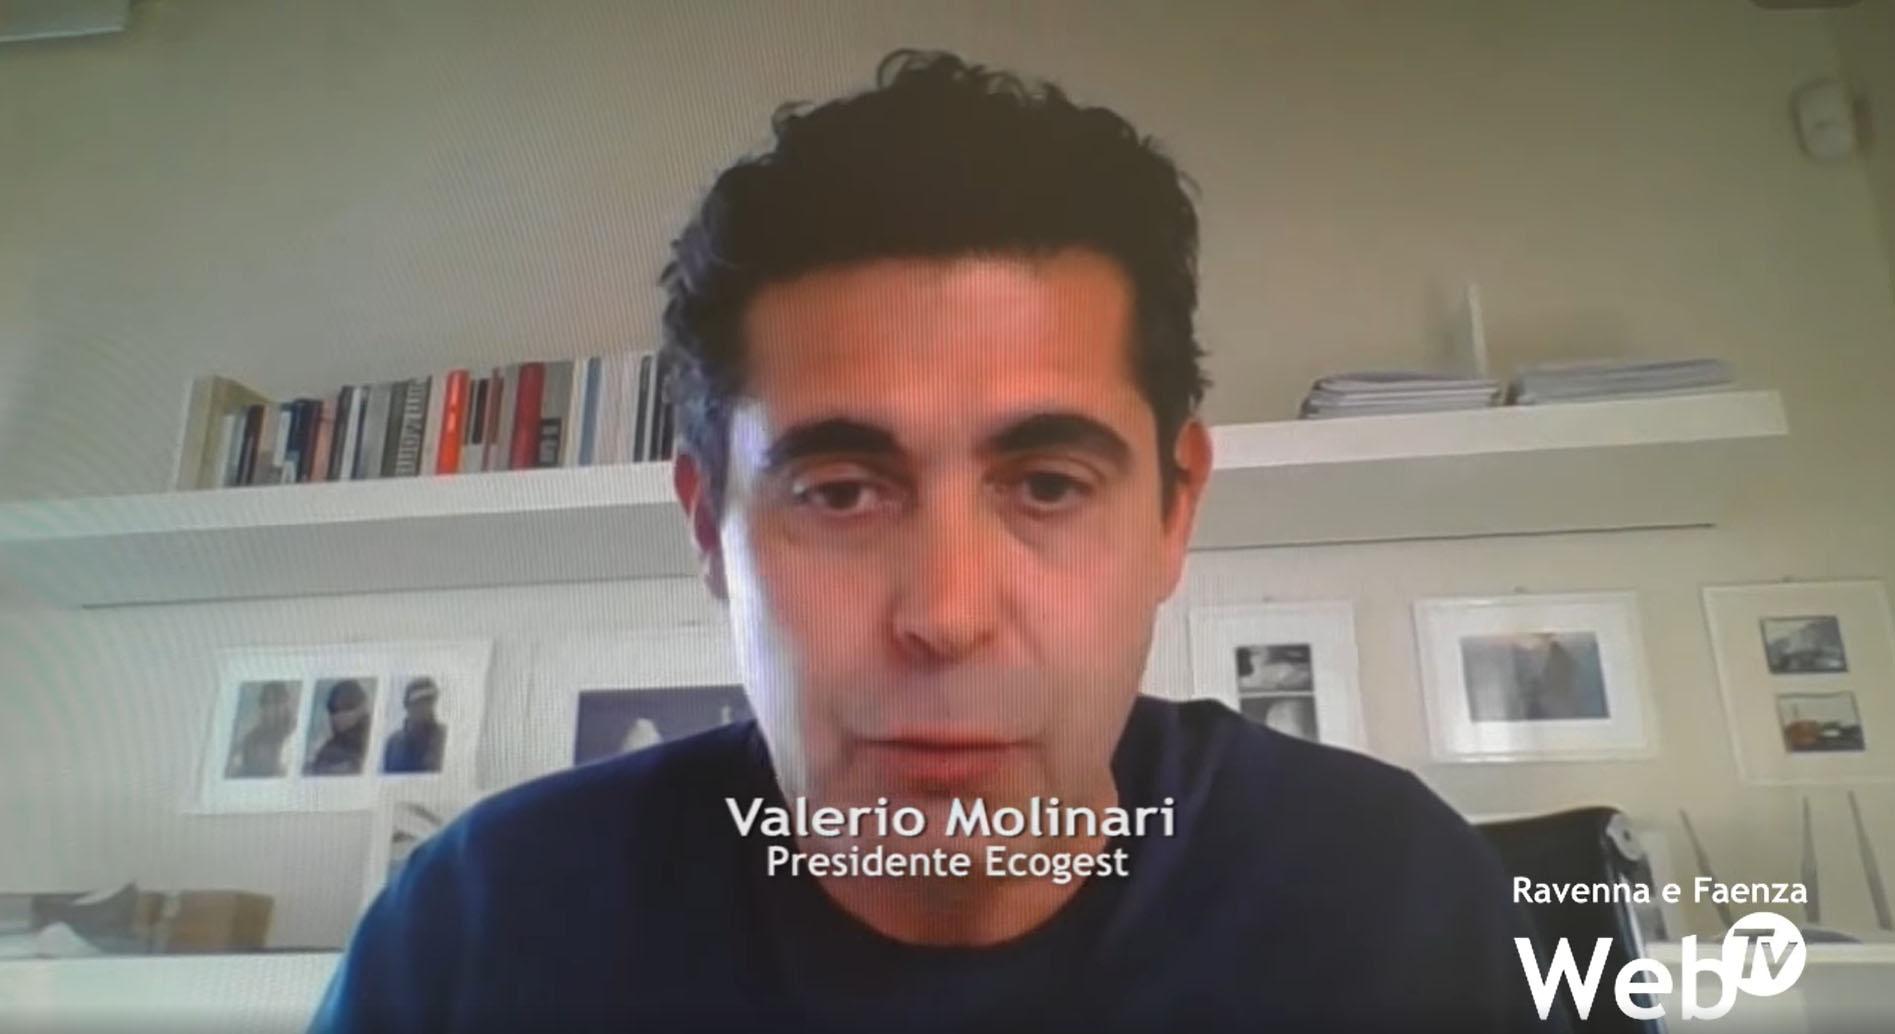 Gesto di solidarietà di Ecogest: intervista a Valerio Molinari su Ravenna WebTv